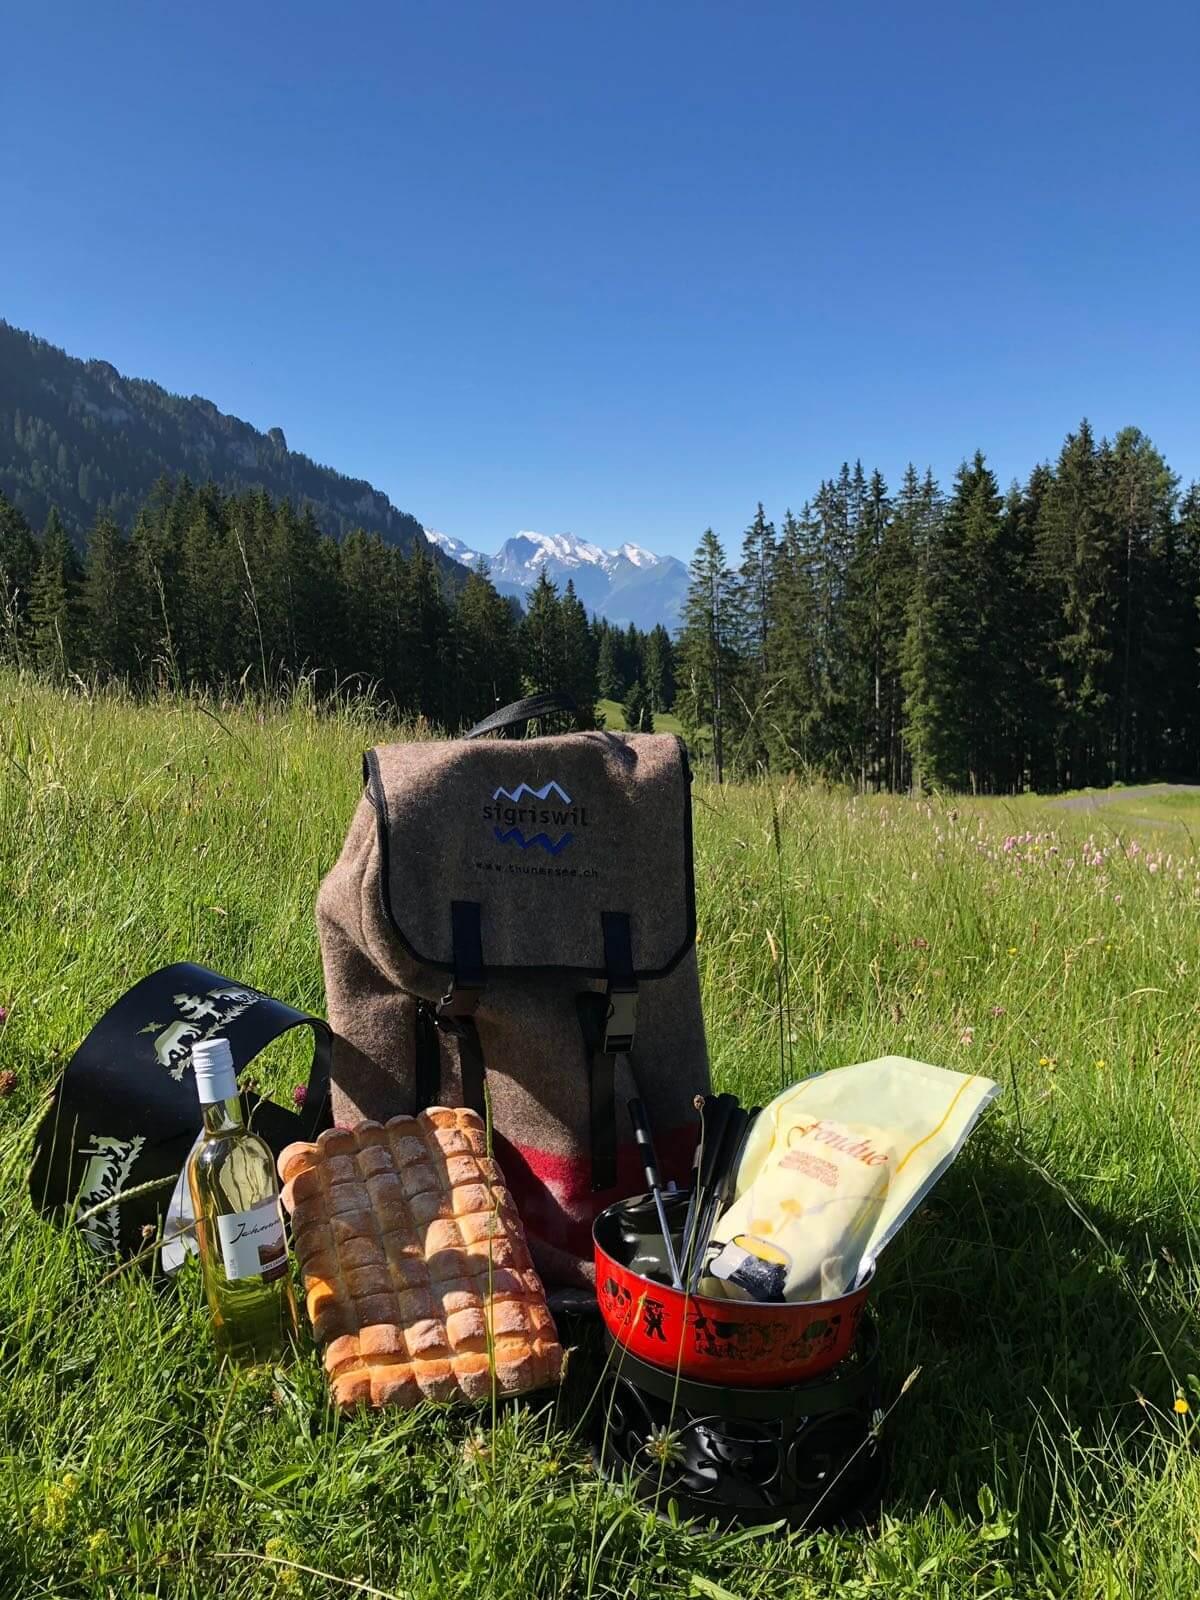 sigriswil-fonduerucksack-sommer-wandern-essen